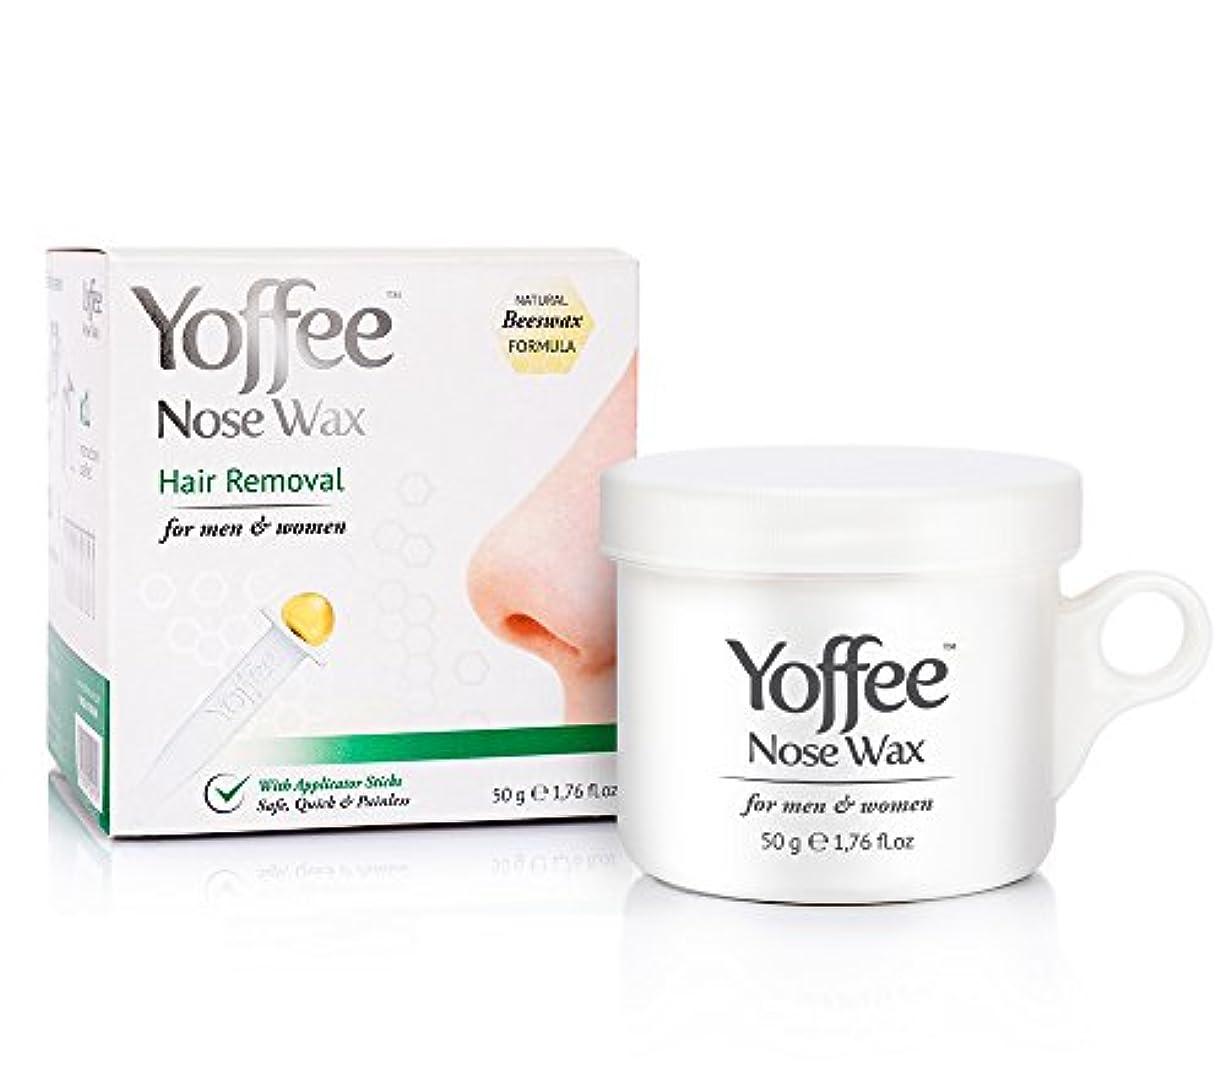 円形の獣含意ヨーフィ (Yoffee) ノーズ ヘア リムーバル 鼻毛 脱毛 ビーズ ワックス